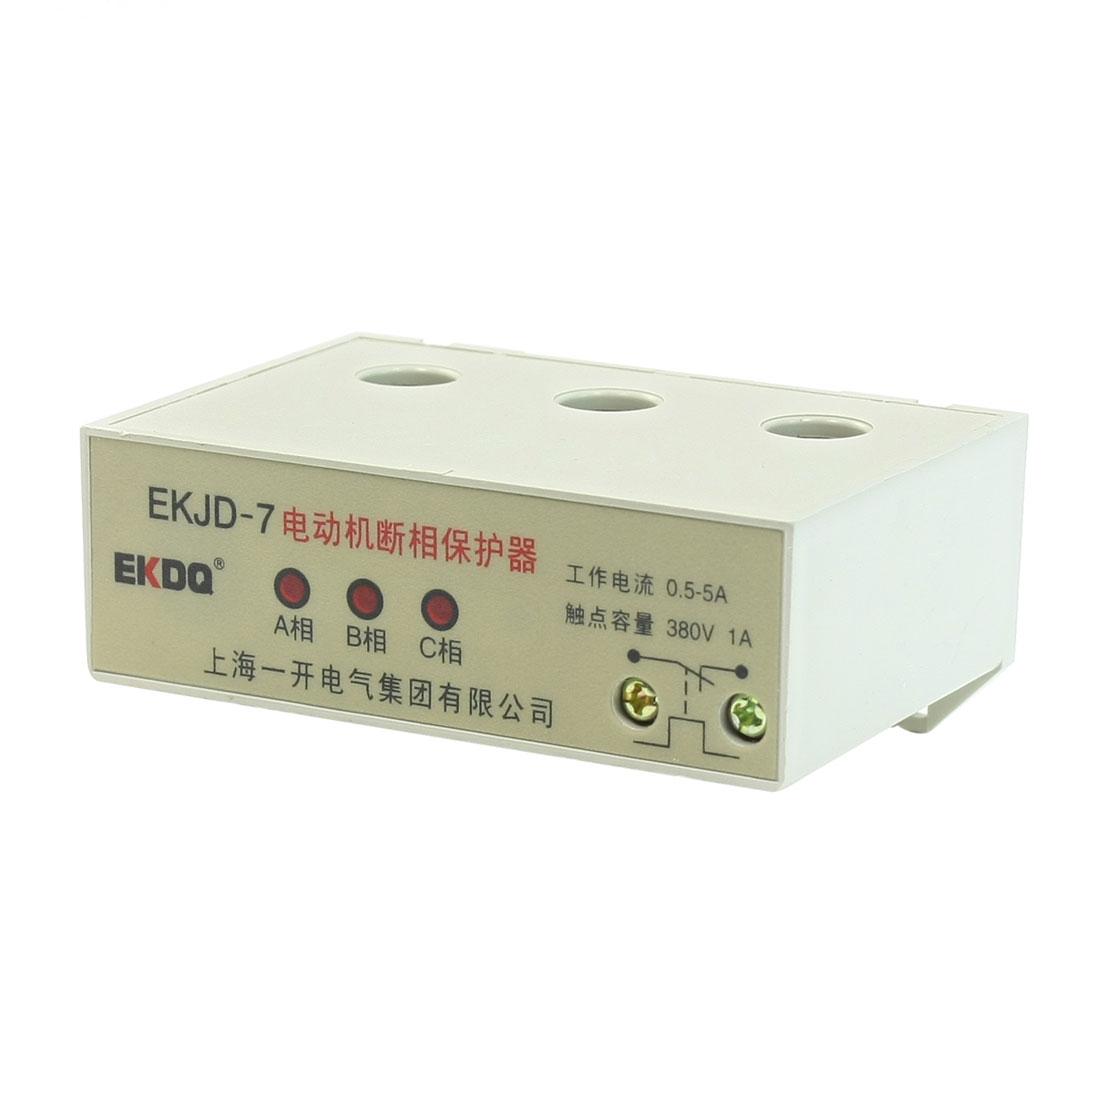 AC 24V/380V 0.5-5A 3 Phase Adjustable Current Intelligent Motor Protector